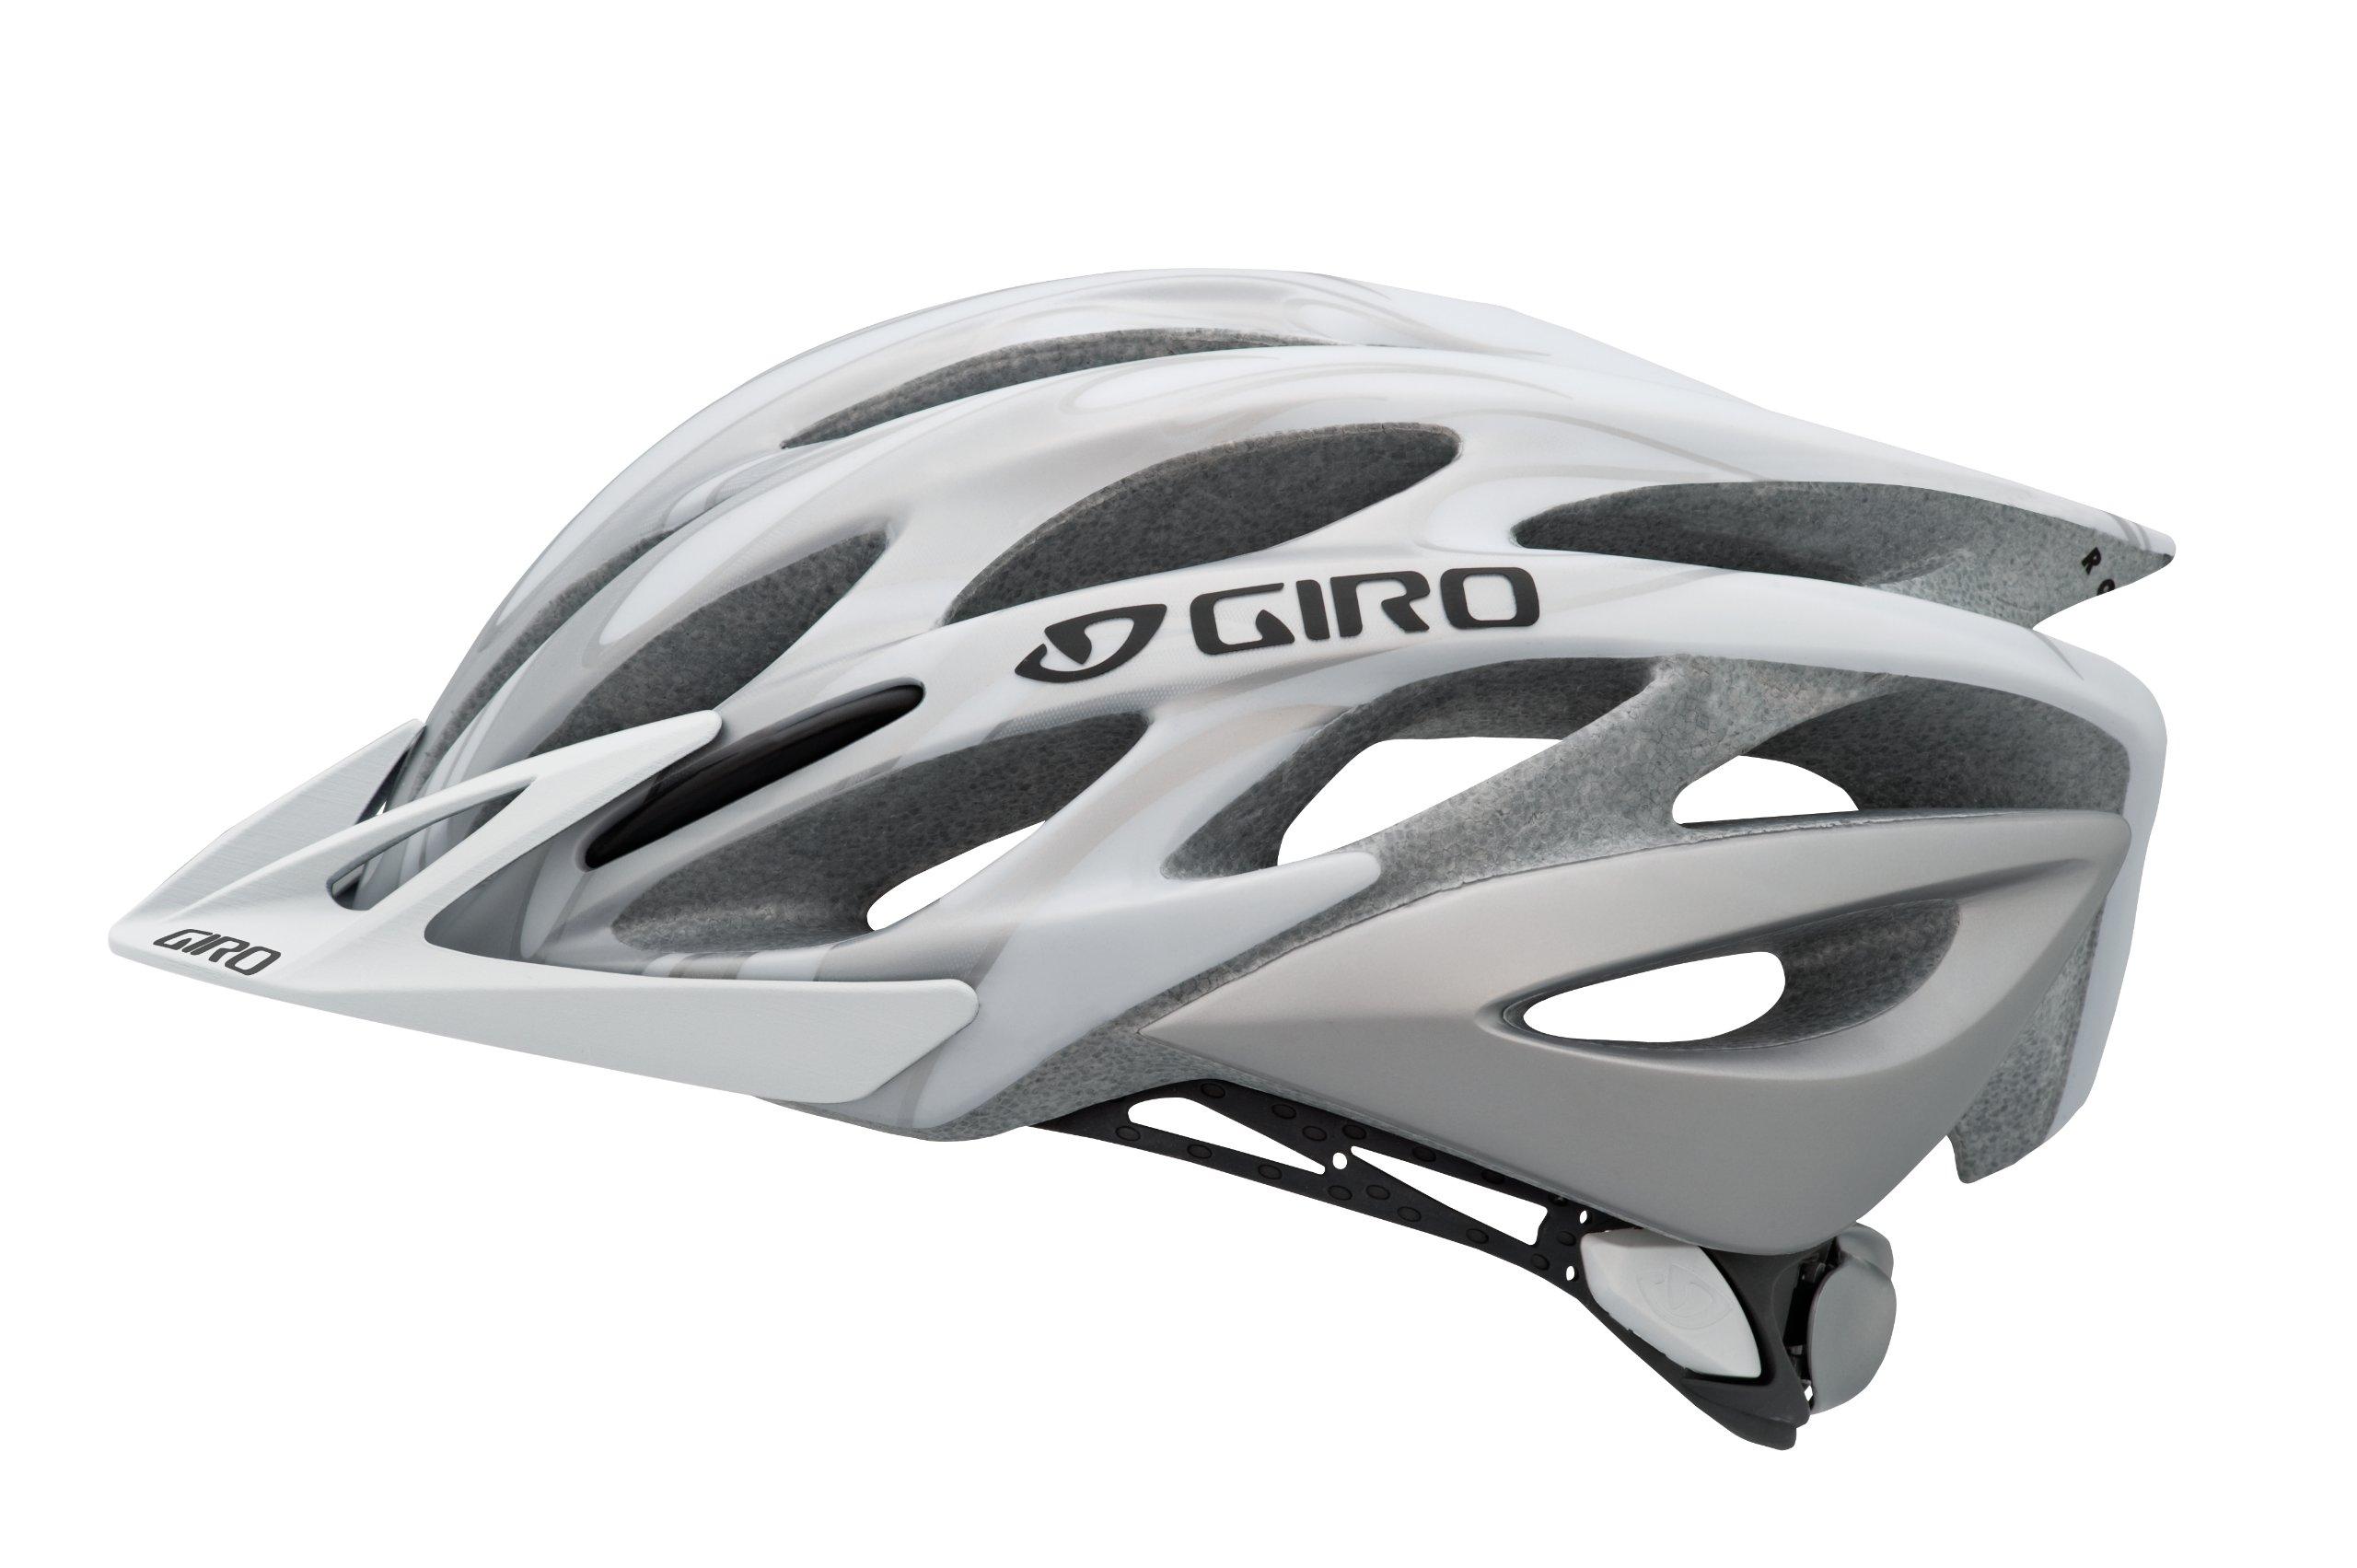 Giro Athlon casco para bicicleta de montaña: Amazon.es: Deportes y ...